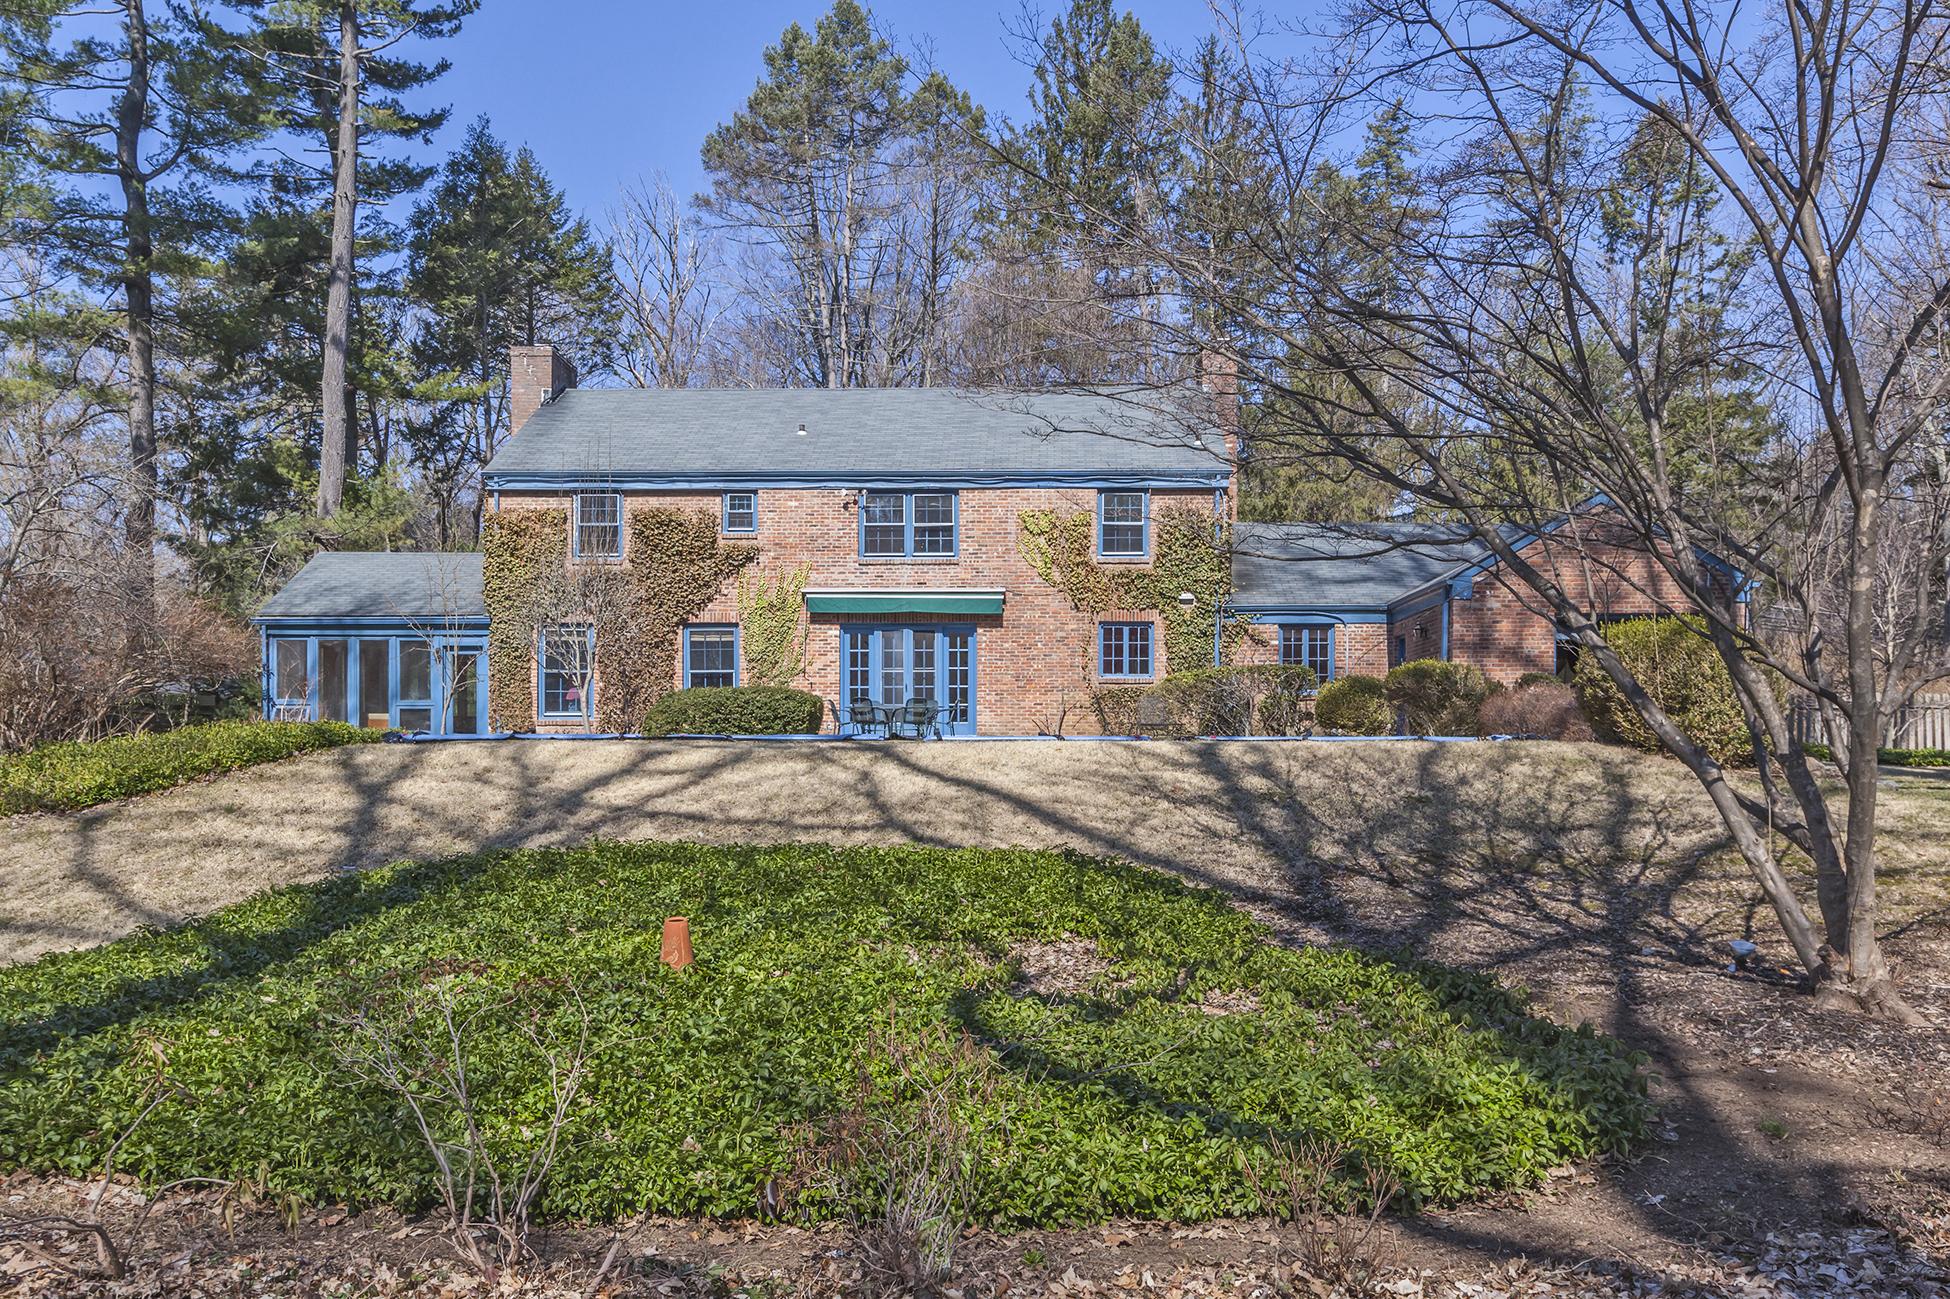 一戸建て のために 売買 アット The Best Of Princeton 290 Stockton Street Princeton, ニュージャージー, 08540 アメリカ合衆国